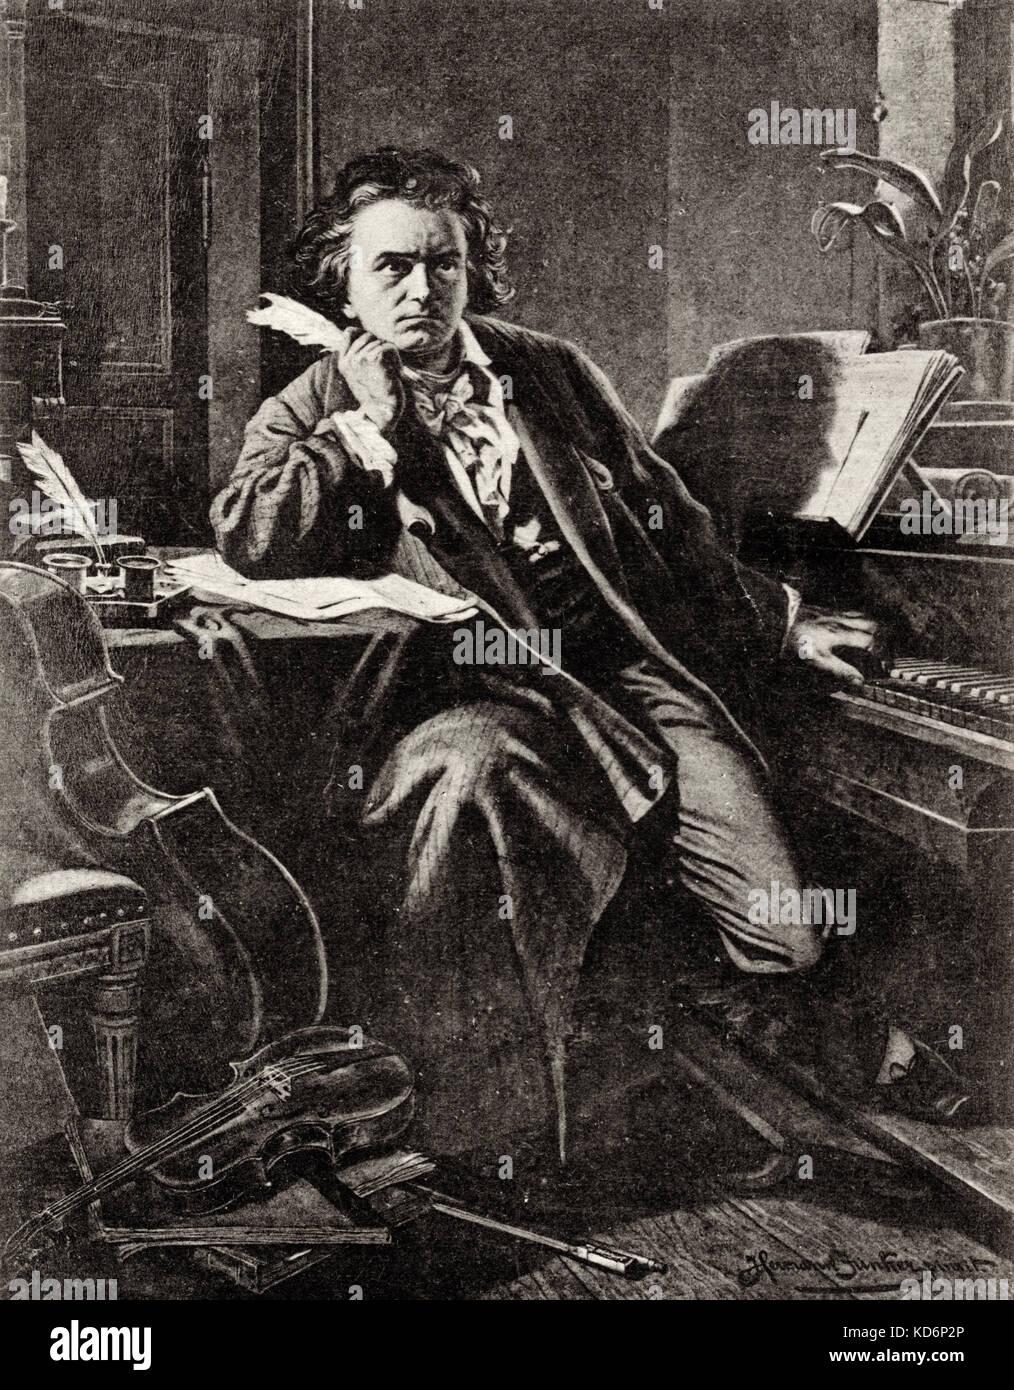 Ludwig van beethoven ritratto del compositore tedesco al for Compositore tedesco della musica da tavola